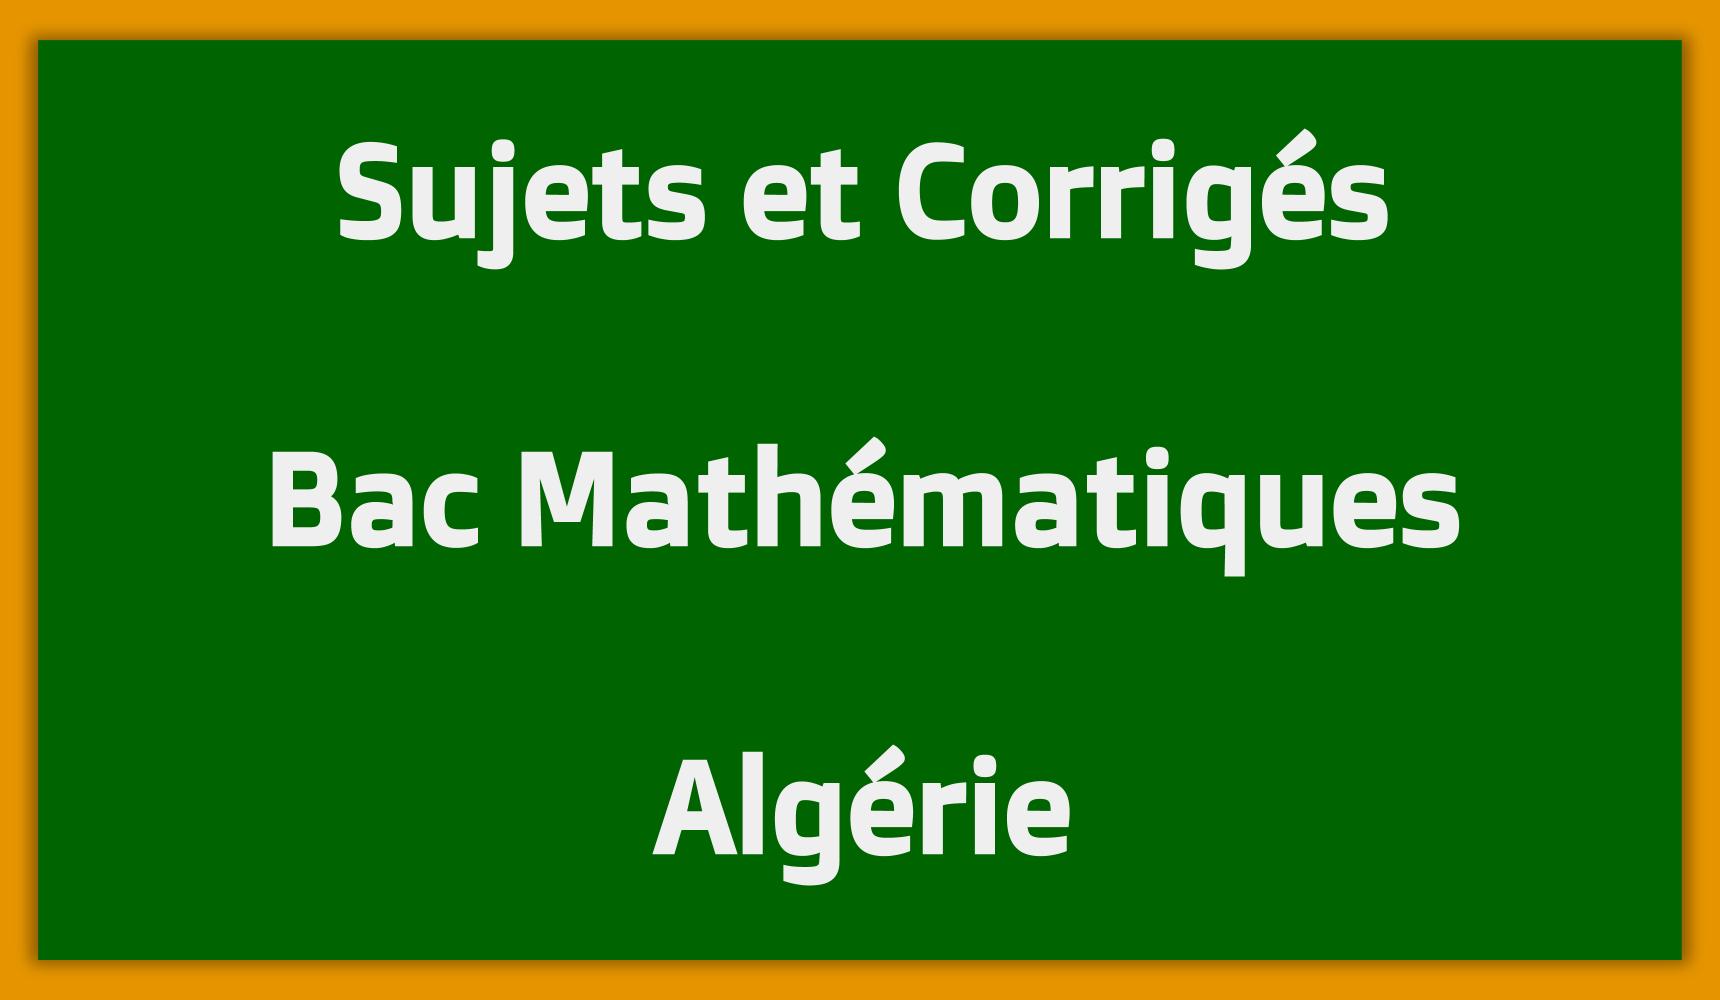 Sujets Corrigés Bac Mathématiques Algérie